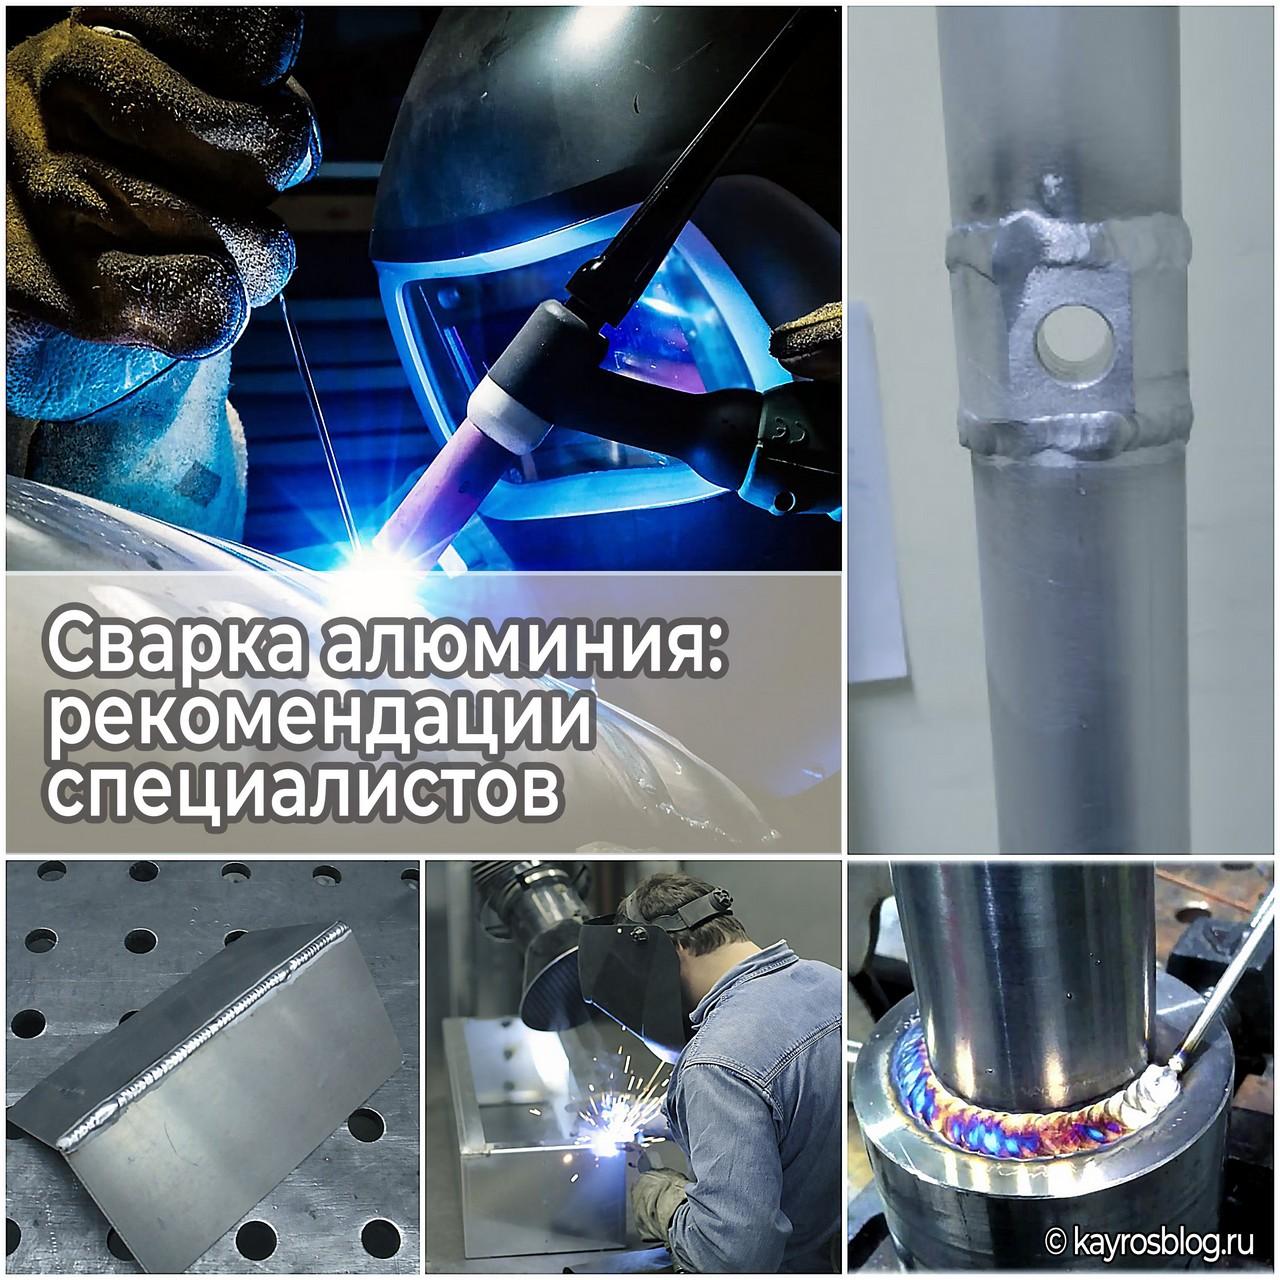 Сварка алюминия рекомендации специалистов для получения прочных и долговечных соединений